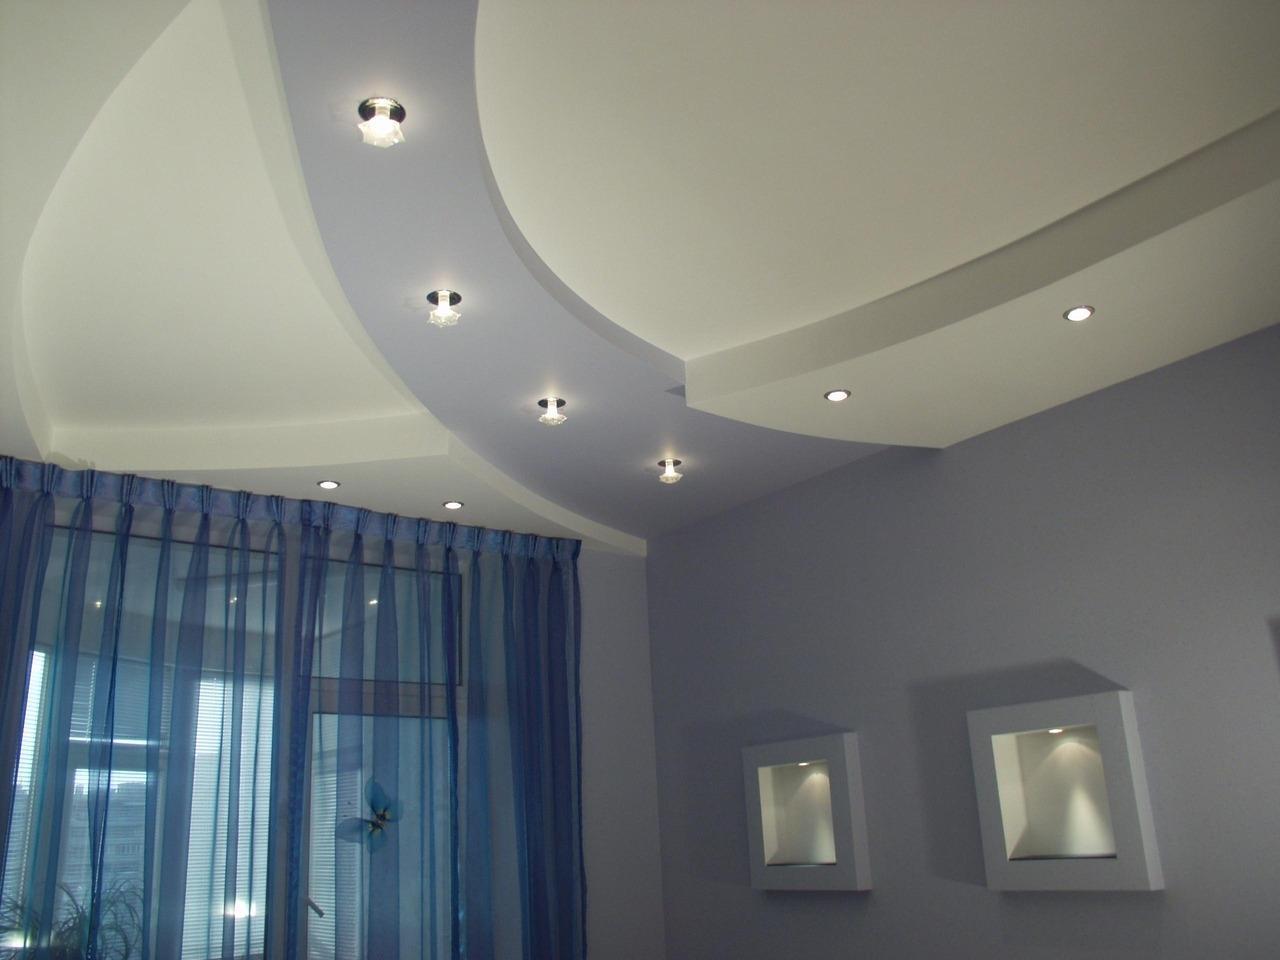 говорить, лампочки на гипсокартонные потолки фото поэтому